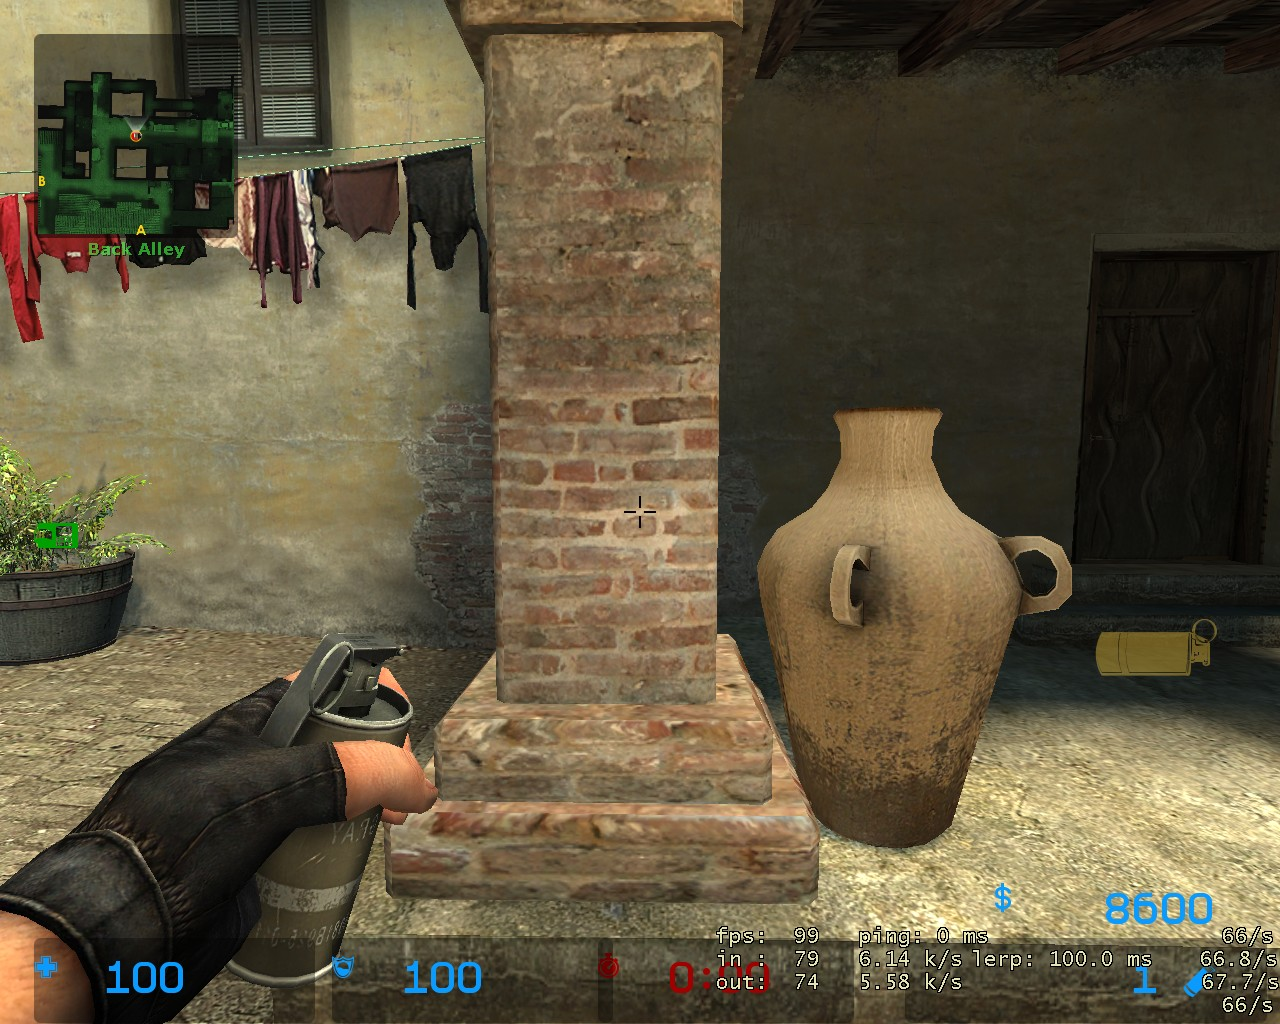 Ian's friend prime-de_inferno-pit-smoke-positioning-jpg